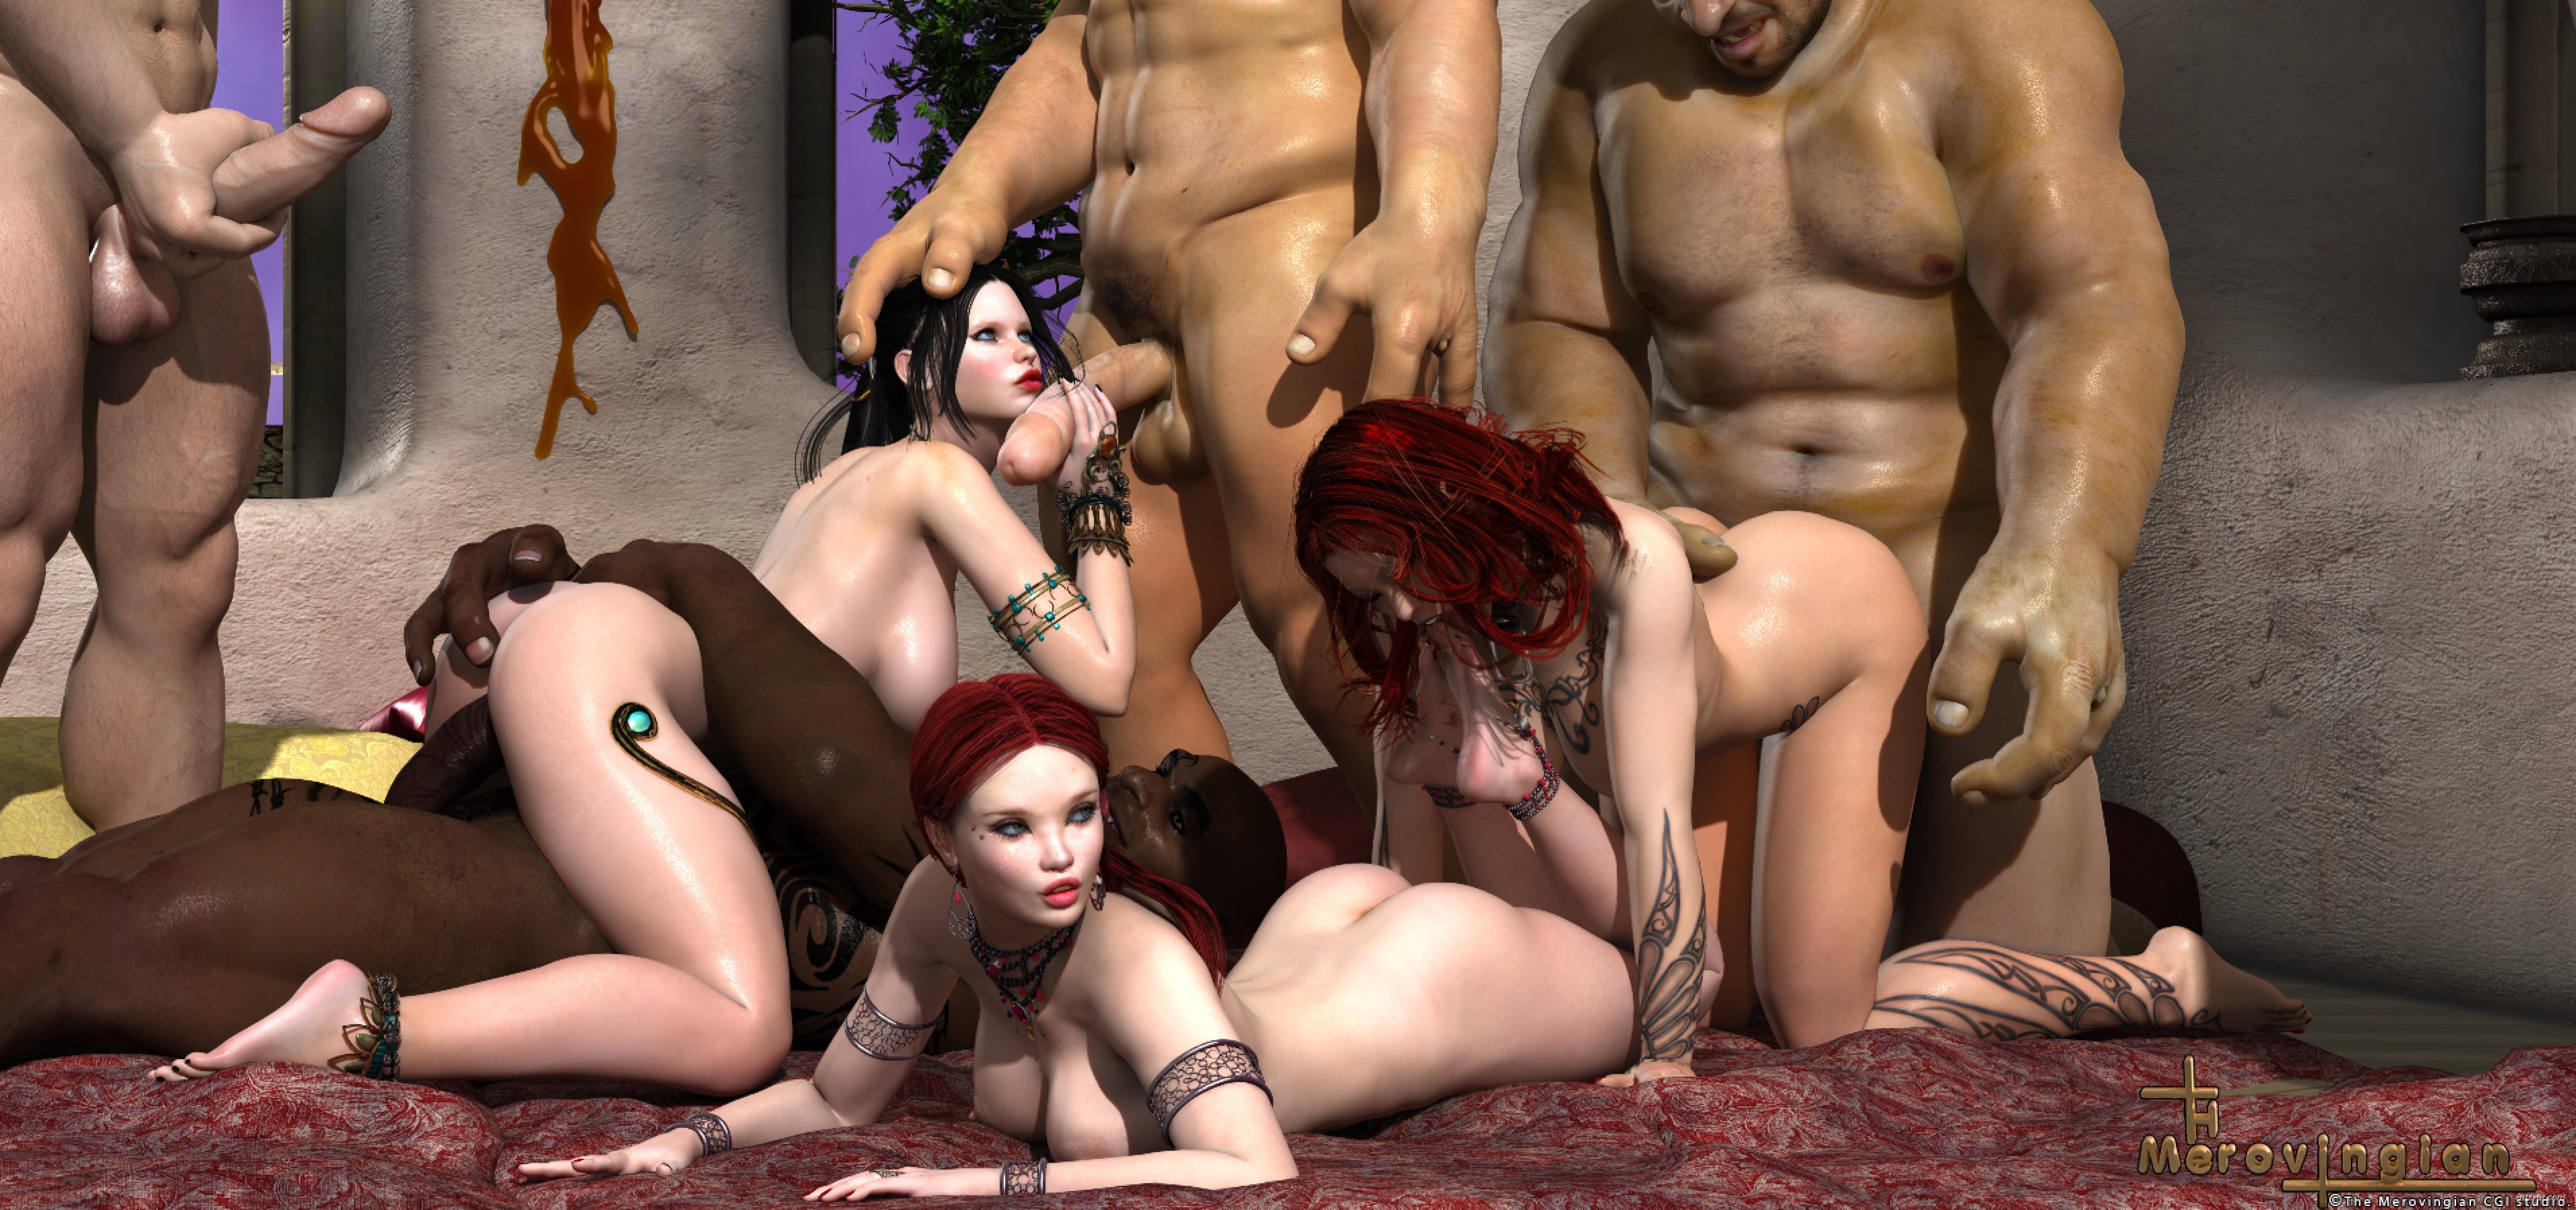 3d porn pics orcs gallery erotic toons